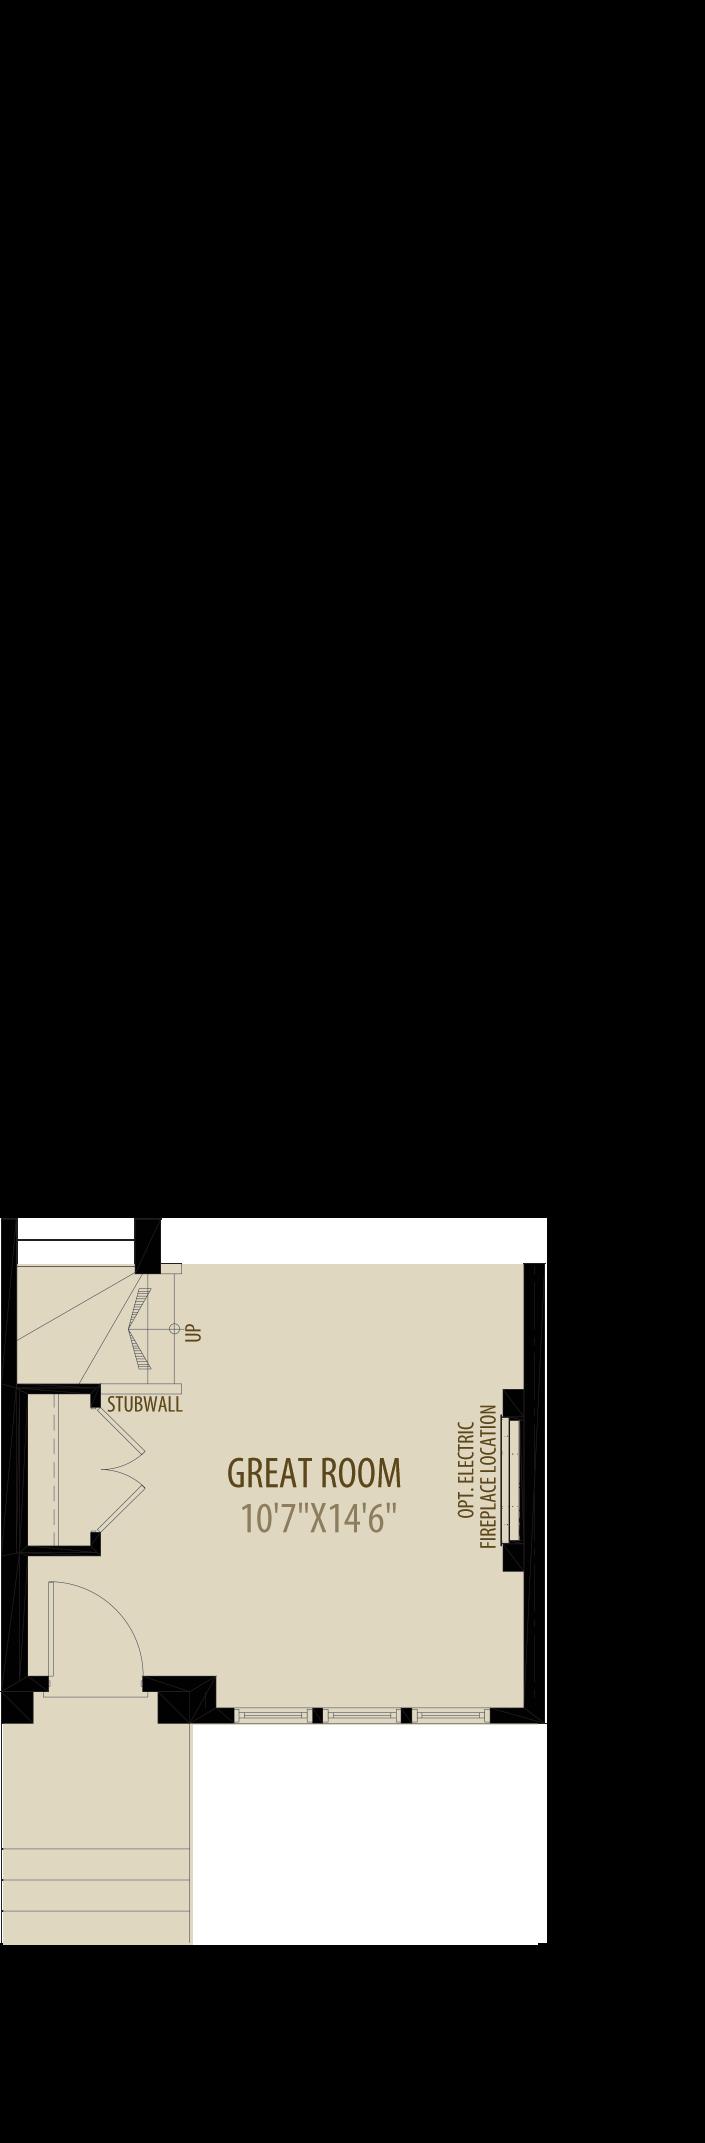 Revised Foyer